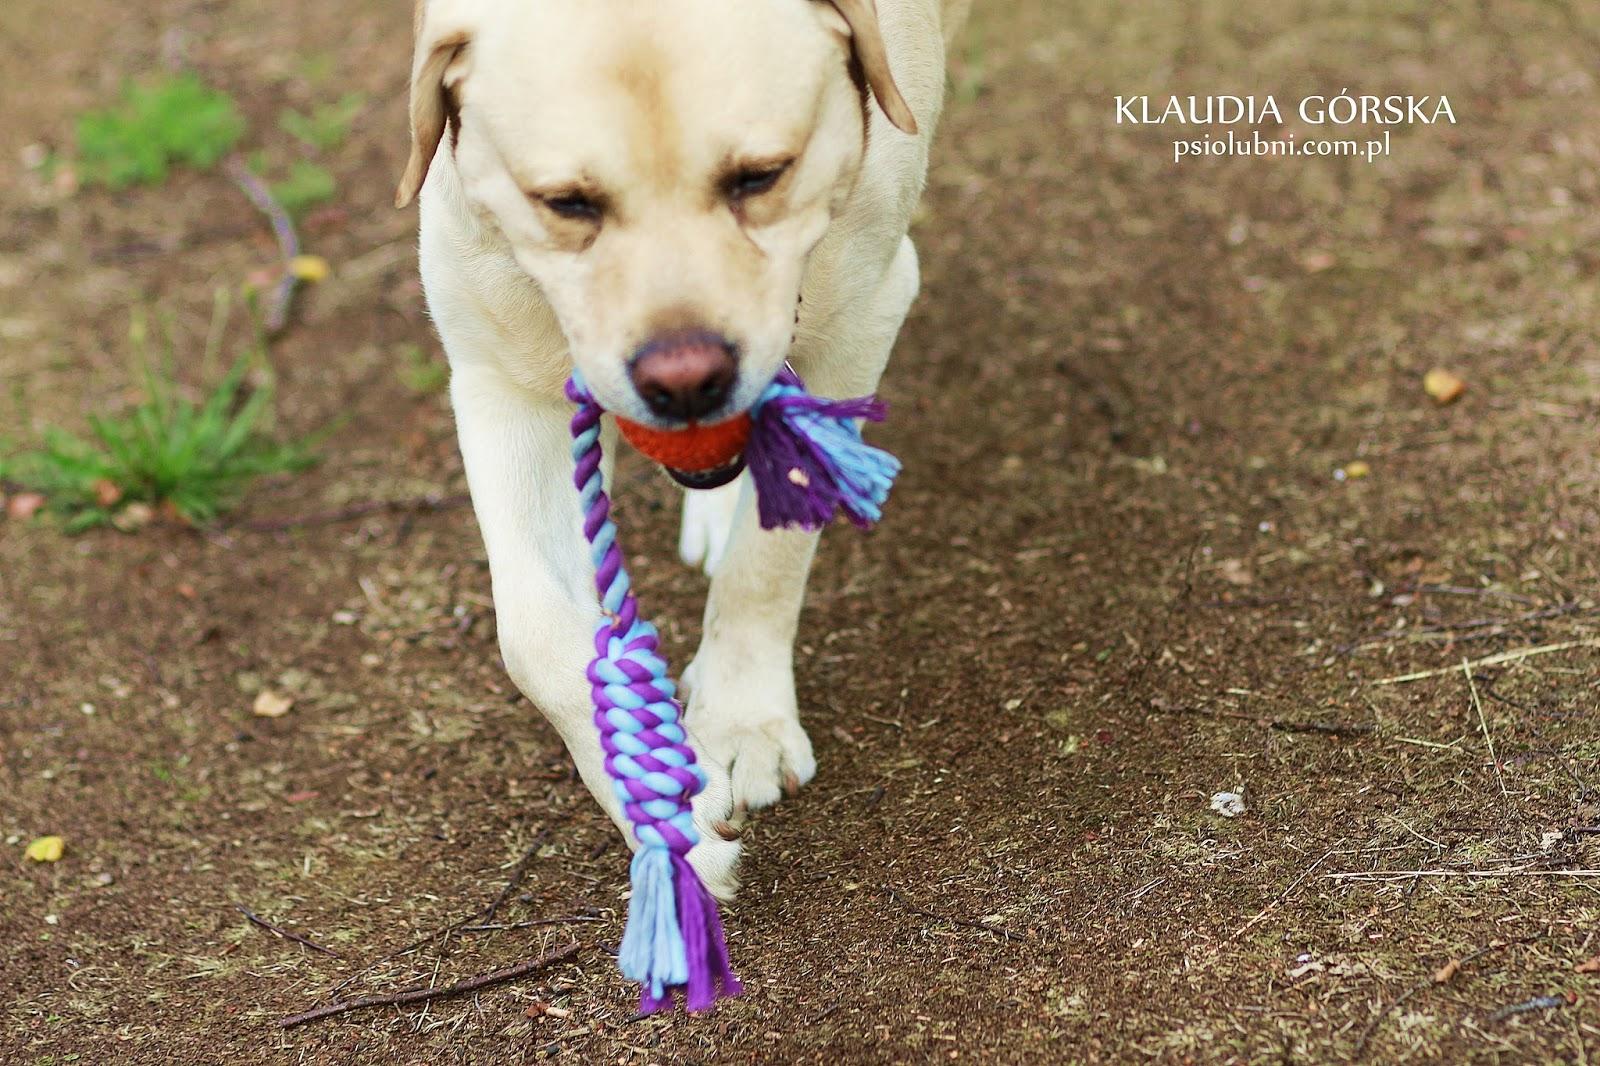 Jouet Dental Ball corde, psiolubni, zolux, naszezoo, zabawki dla psa, wytrzymałe zabawki, szarpak, piłka tpr, piłka z kauczuku dla psa, najlepsza piłka świata, labrador retriever, psy rasowe, labrador biszkoptowy,